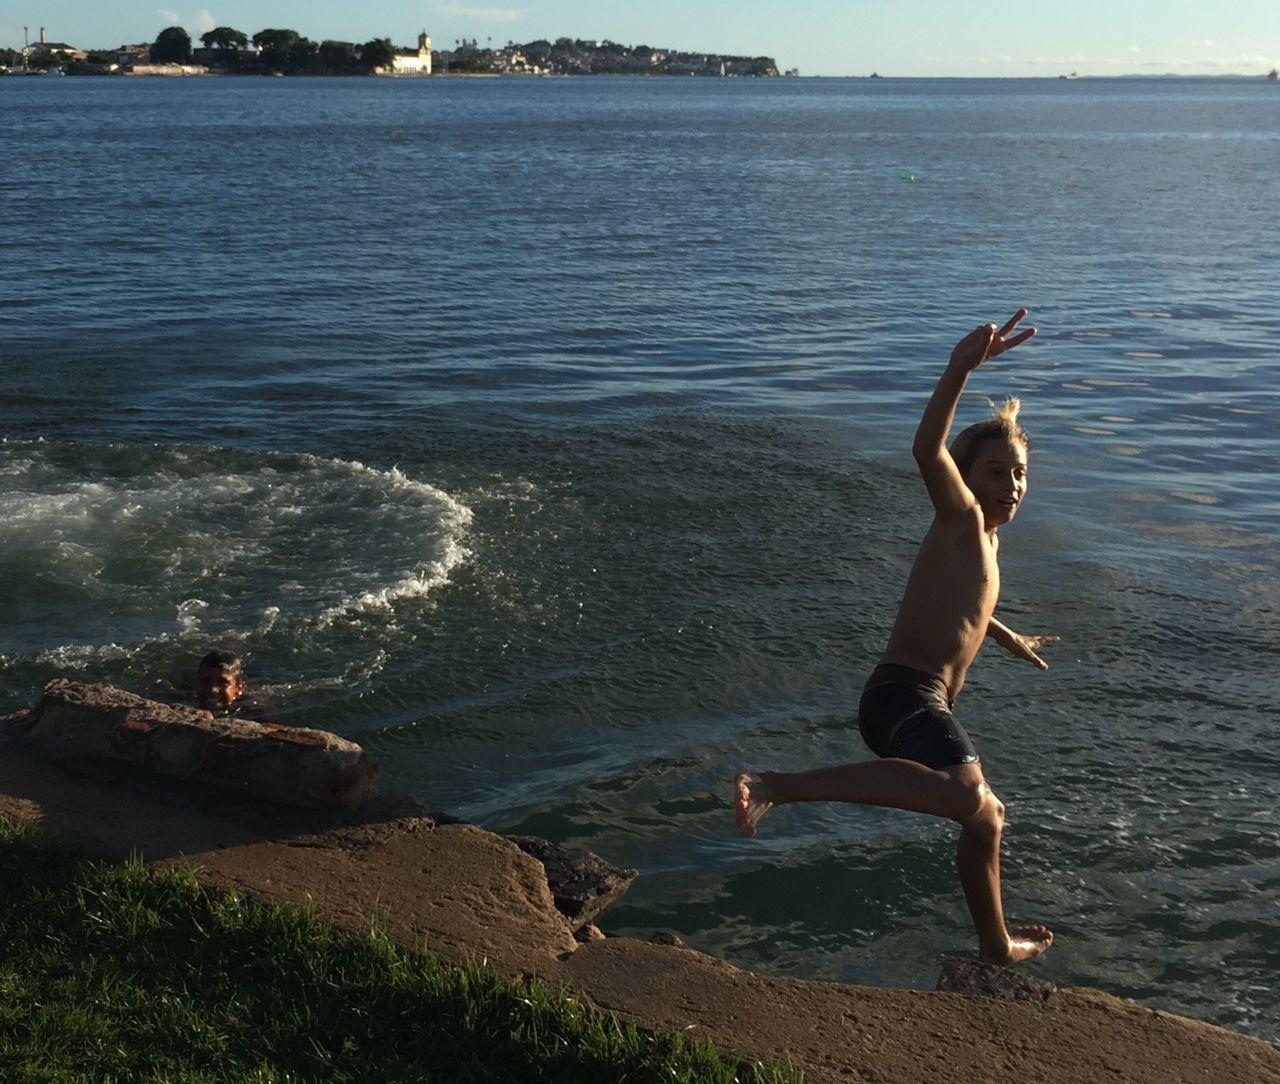 Fui! Jump Jumpshot Verão☀️ Verão Summer Summertime Été Bahia Bahiadetodosossantos BaiaDeTodosOsSantos Brasil ♥ Salvador Salvador Bahia Salvador De Bahia